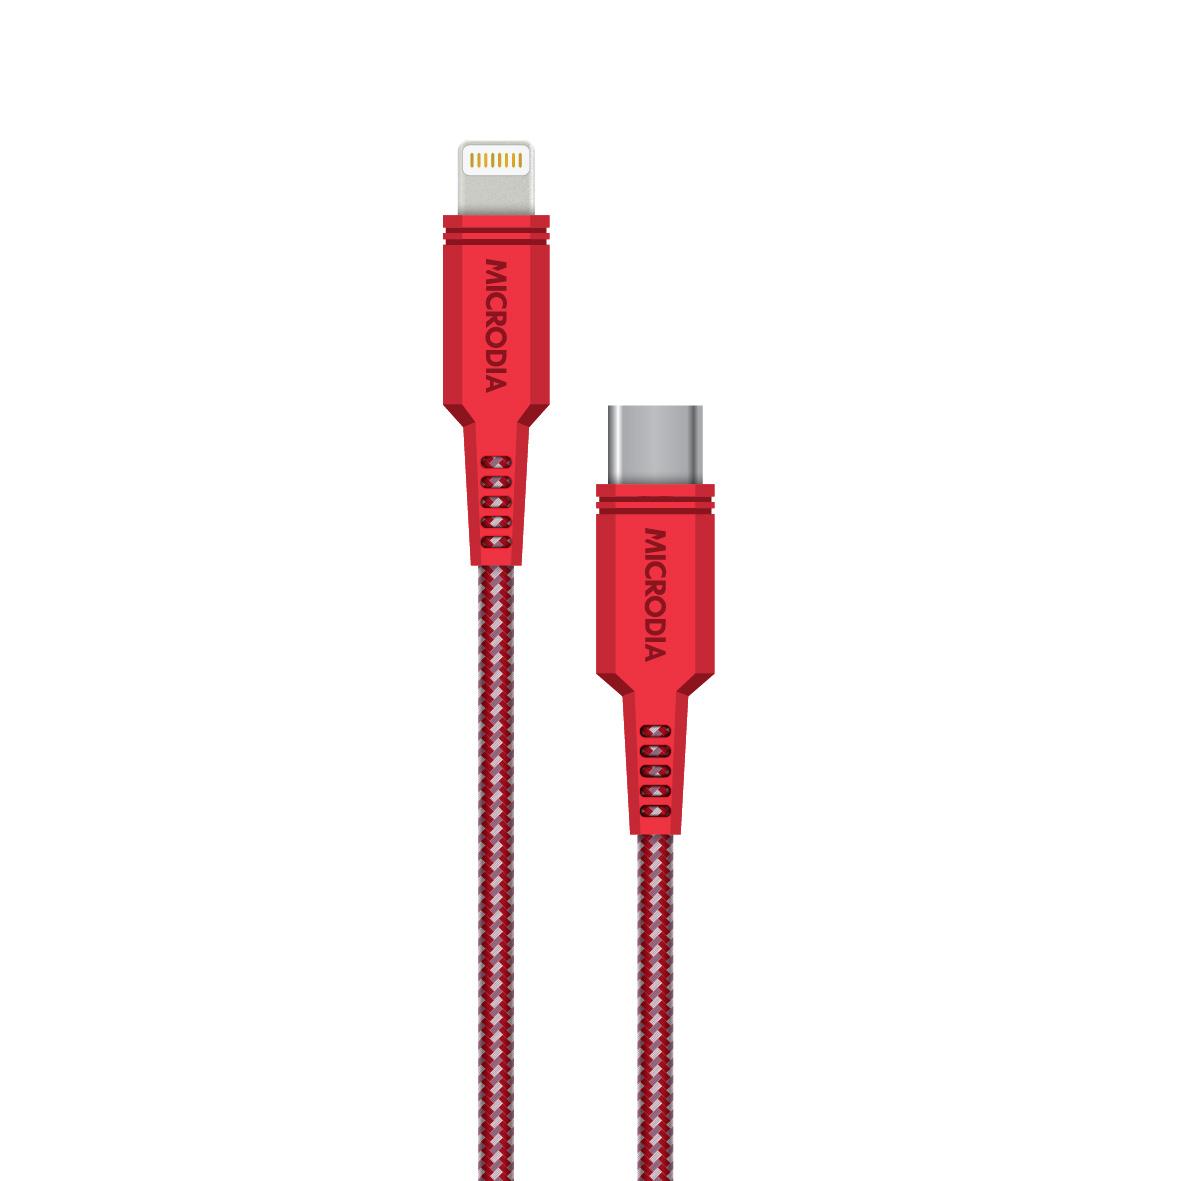 DurCable-Hi-Re_TOUGH-C-Red